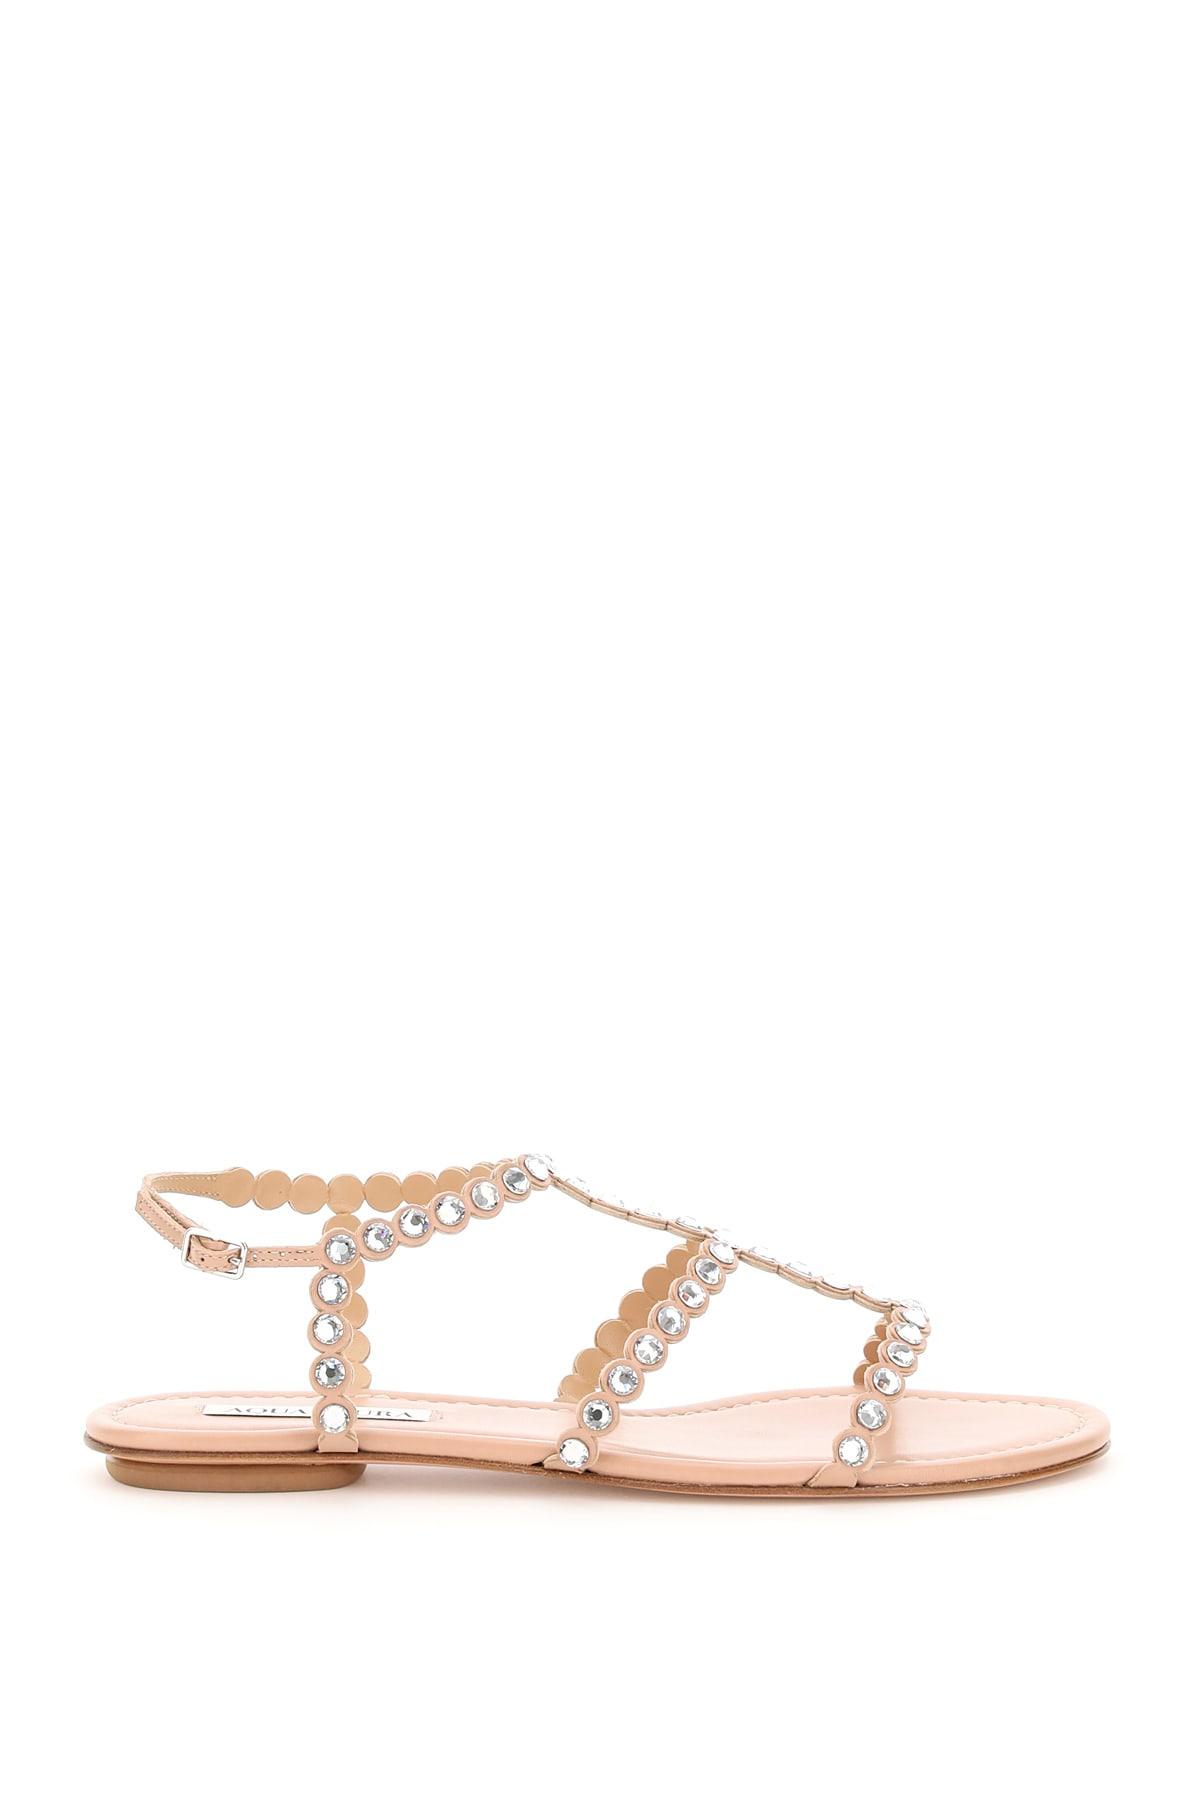 Aquazzura Shoes TEQUILA FLAT SANDALS